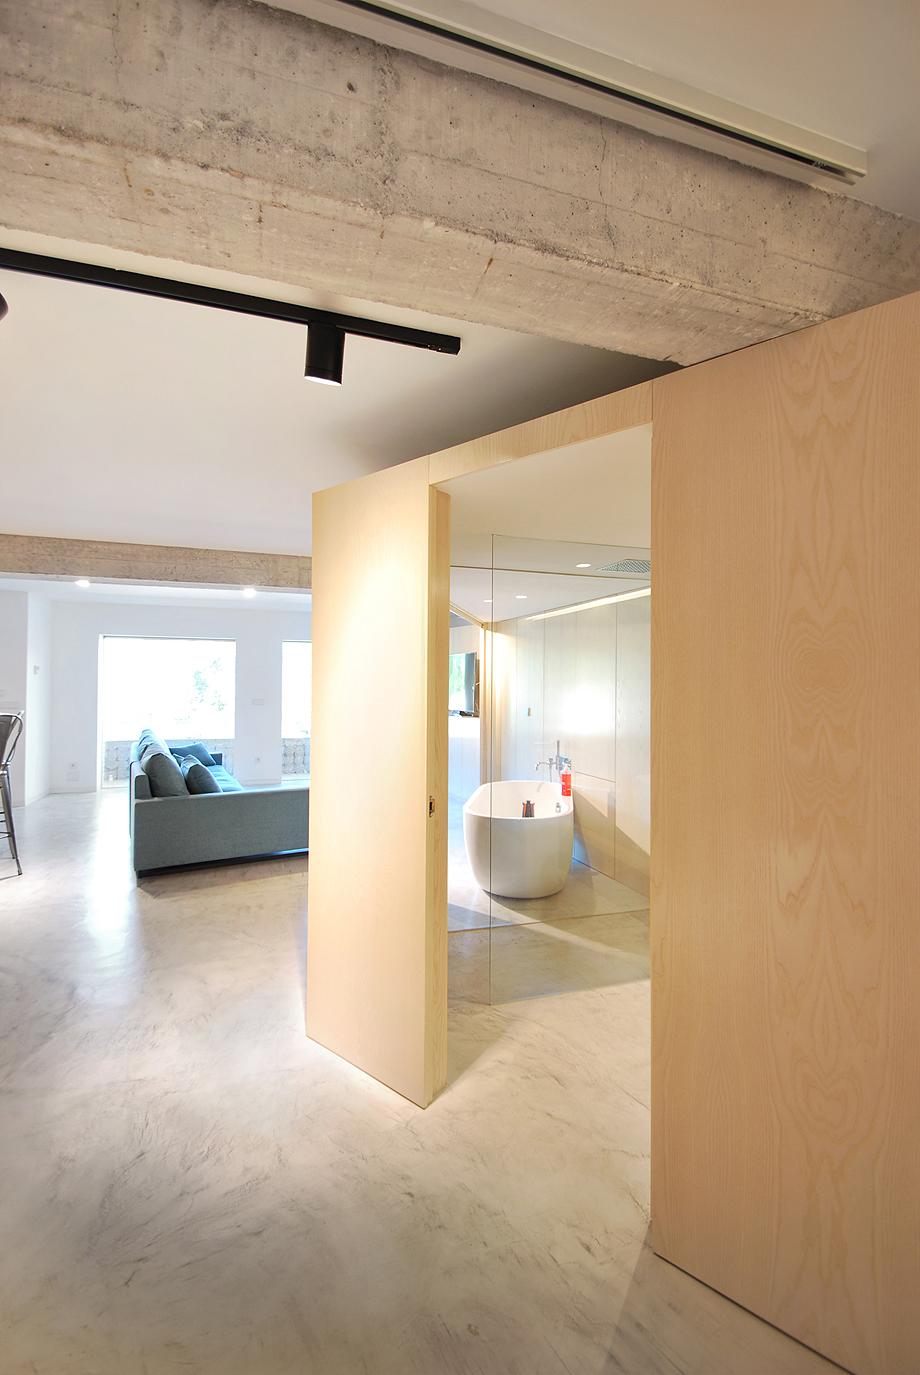 apartamento AB en beasain de mappa arquitectos (15)